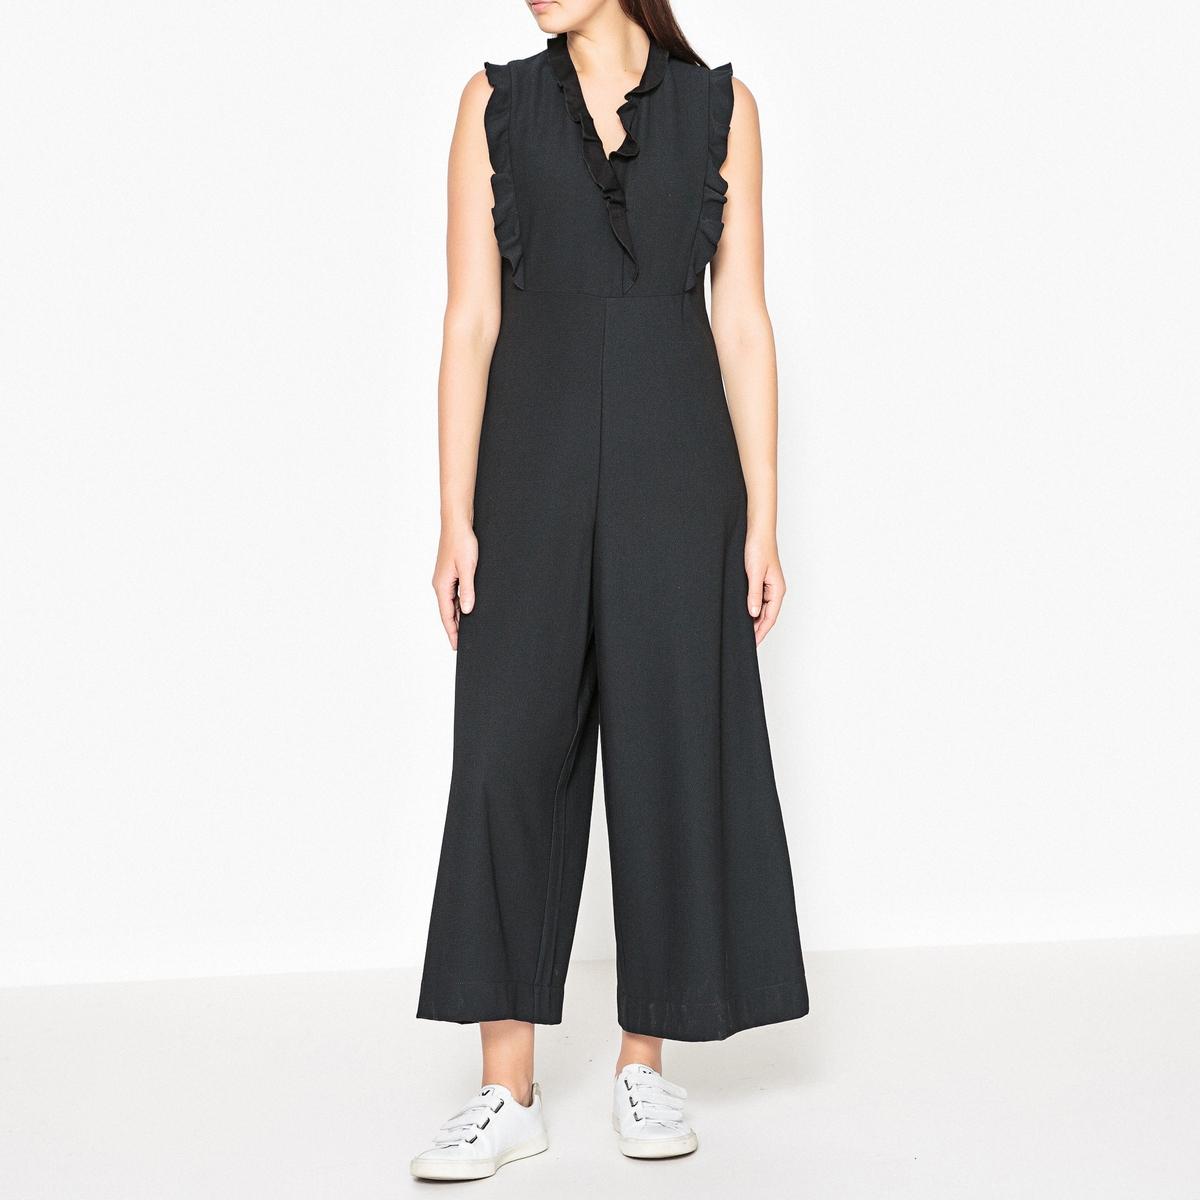 Комбинезон с брюками, с широкими воланами  BARBARA